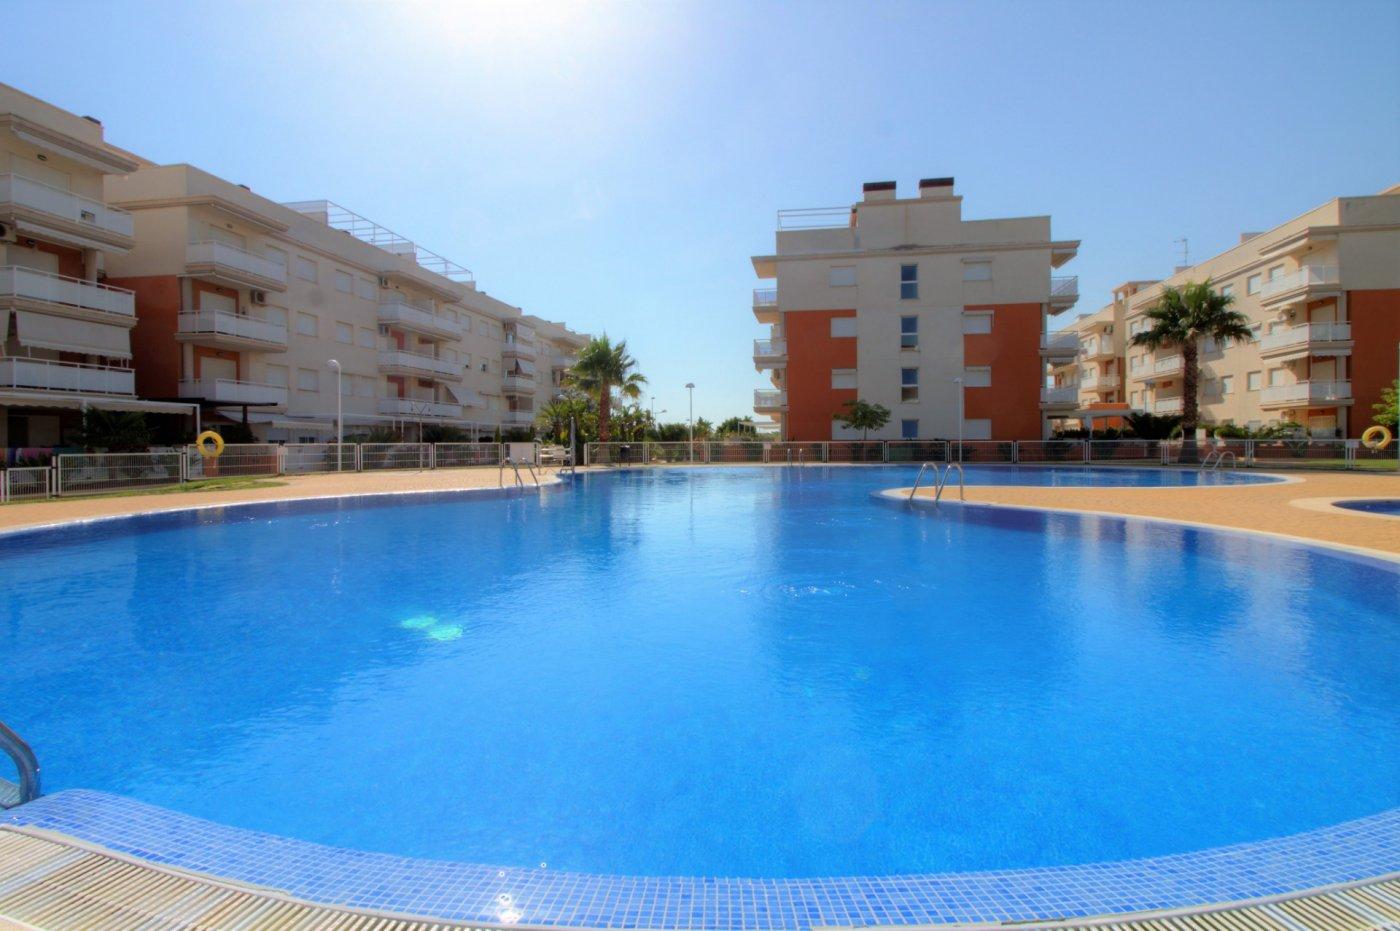 apartamento en almenara · playa-pai-nuevo 380€